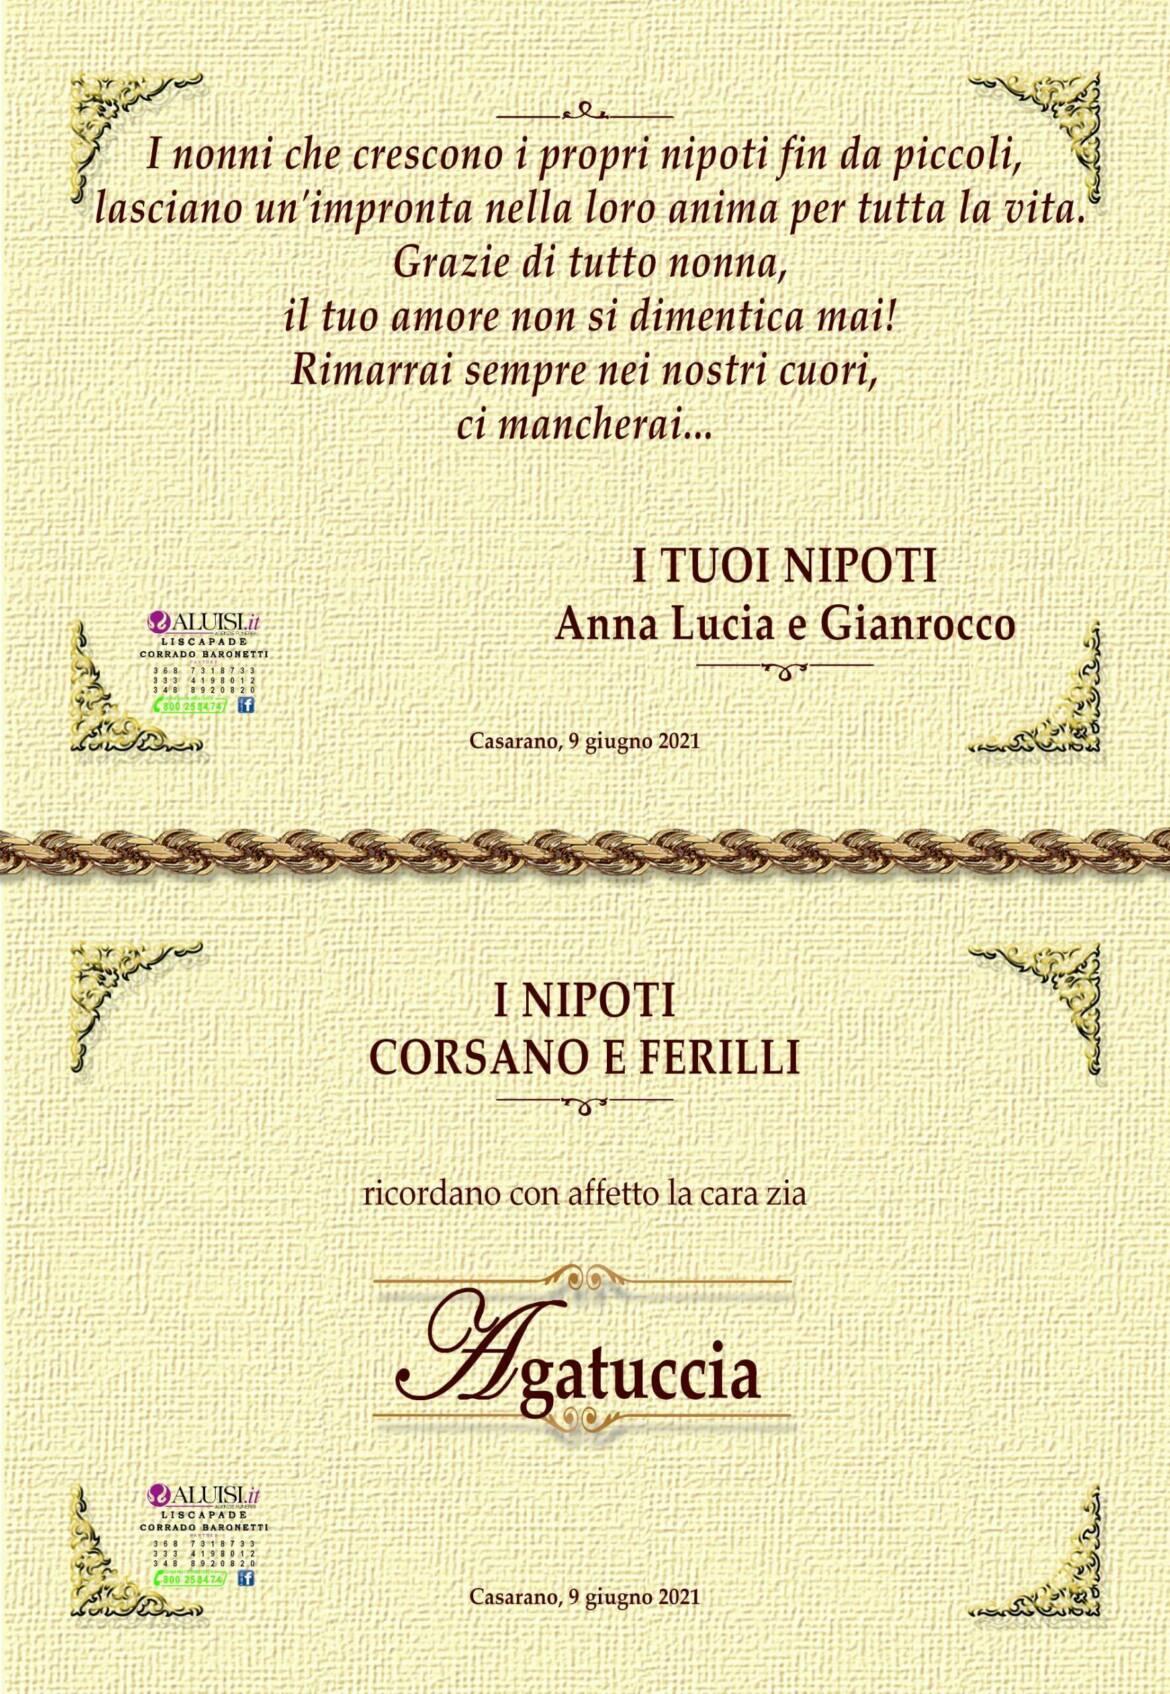 partceipazione-agata-corsano-casarano-1-scaled.jpg